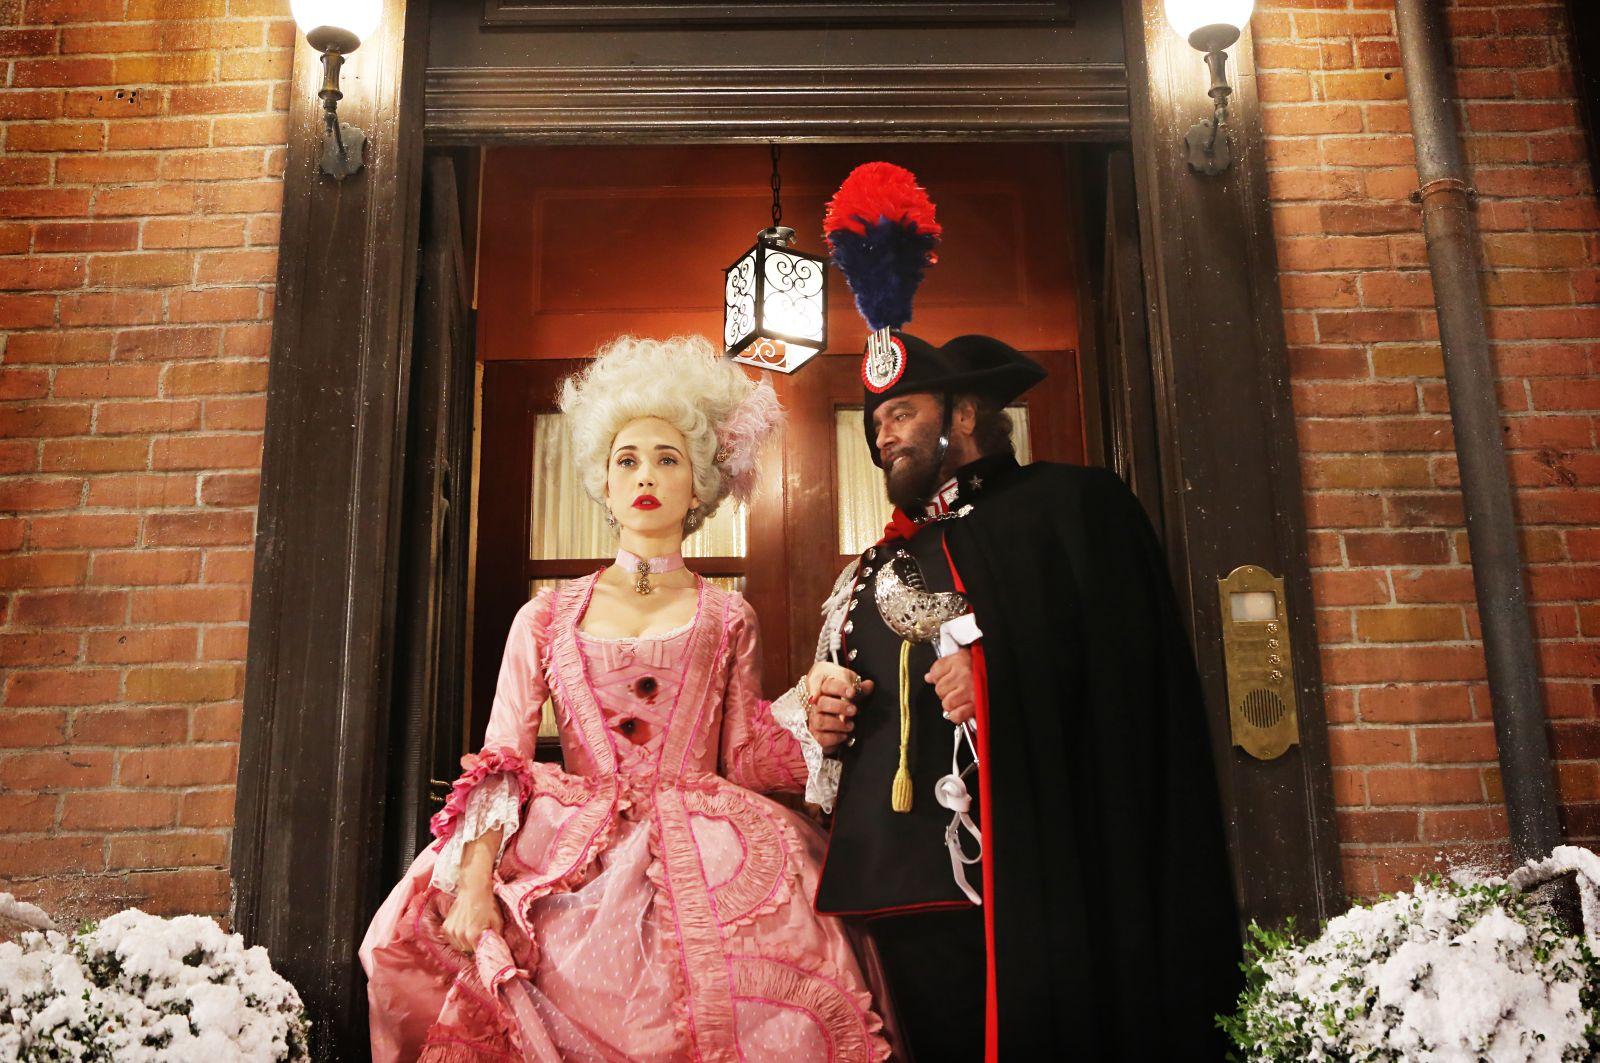 Soap Opera: Chiara Francini con Diego Abatantuono in una scena del film